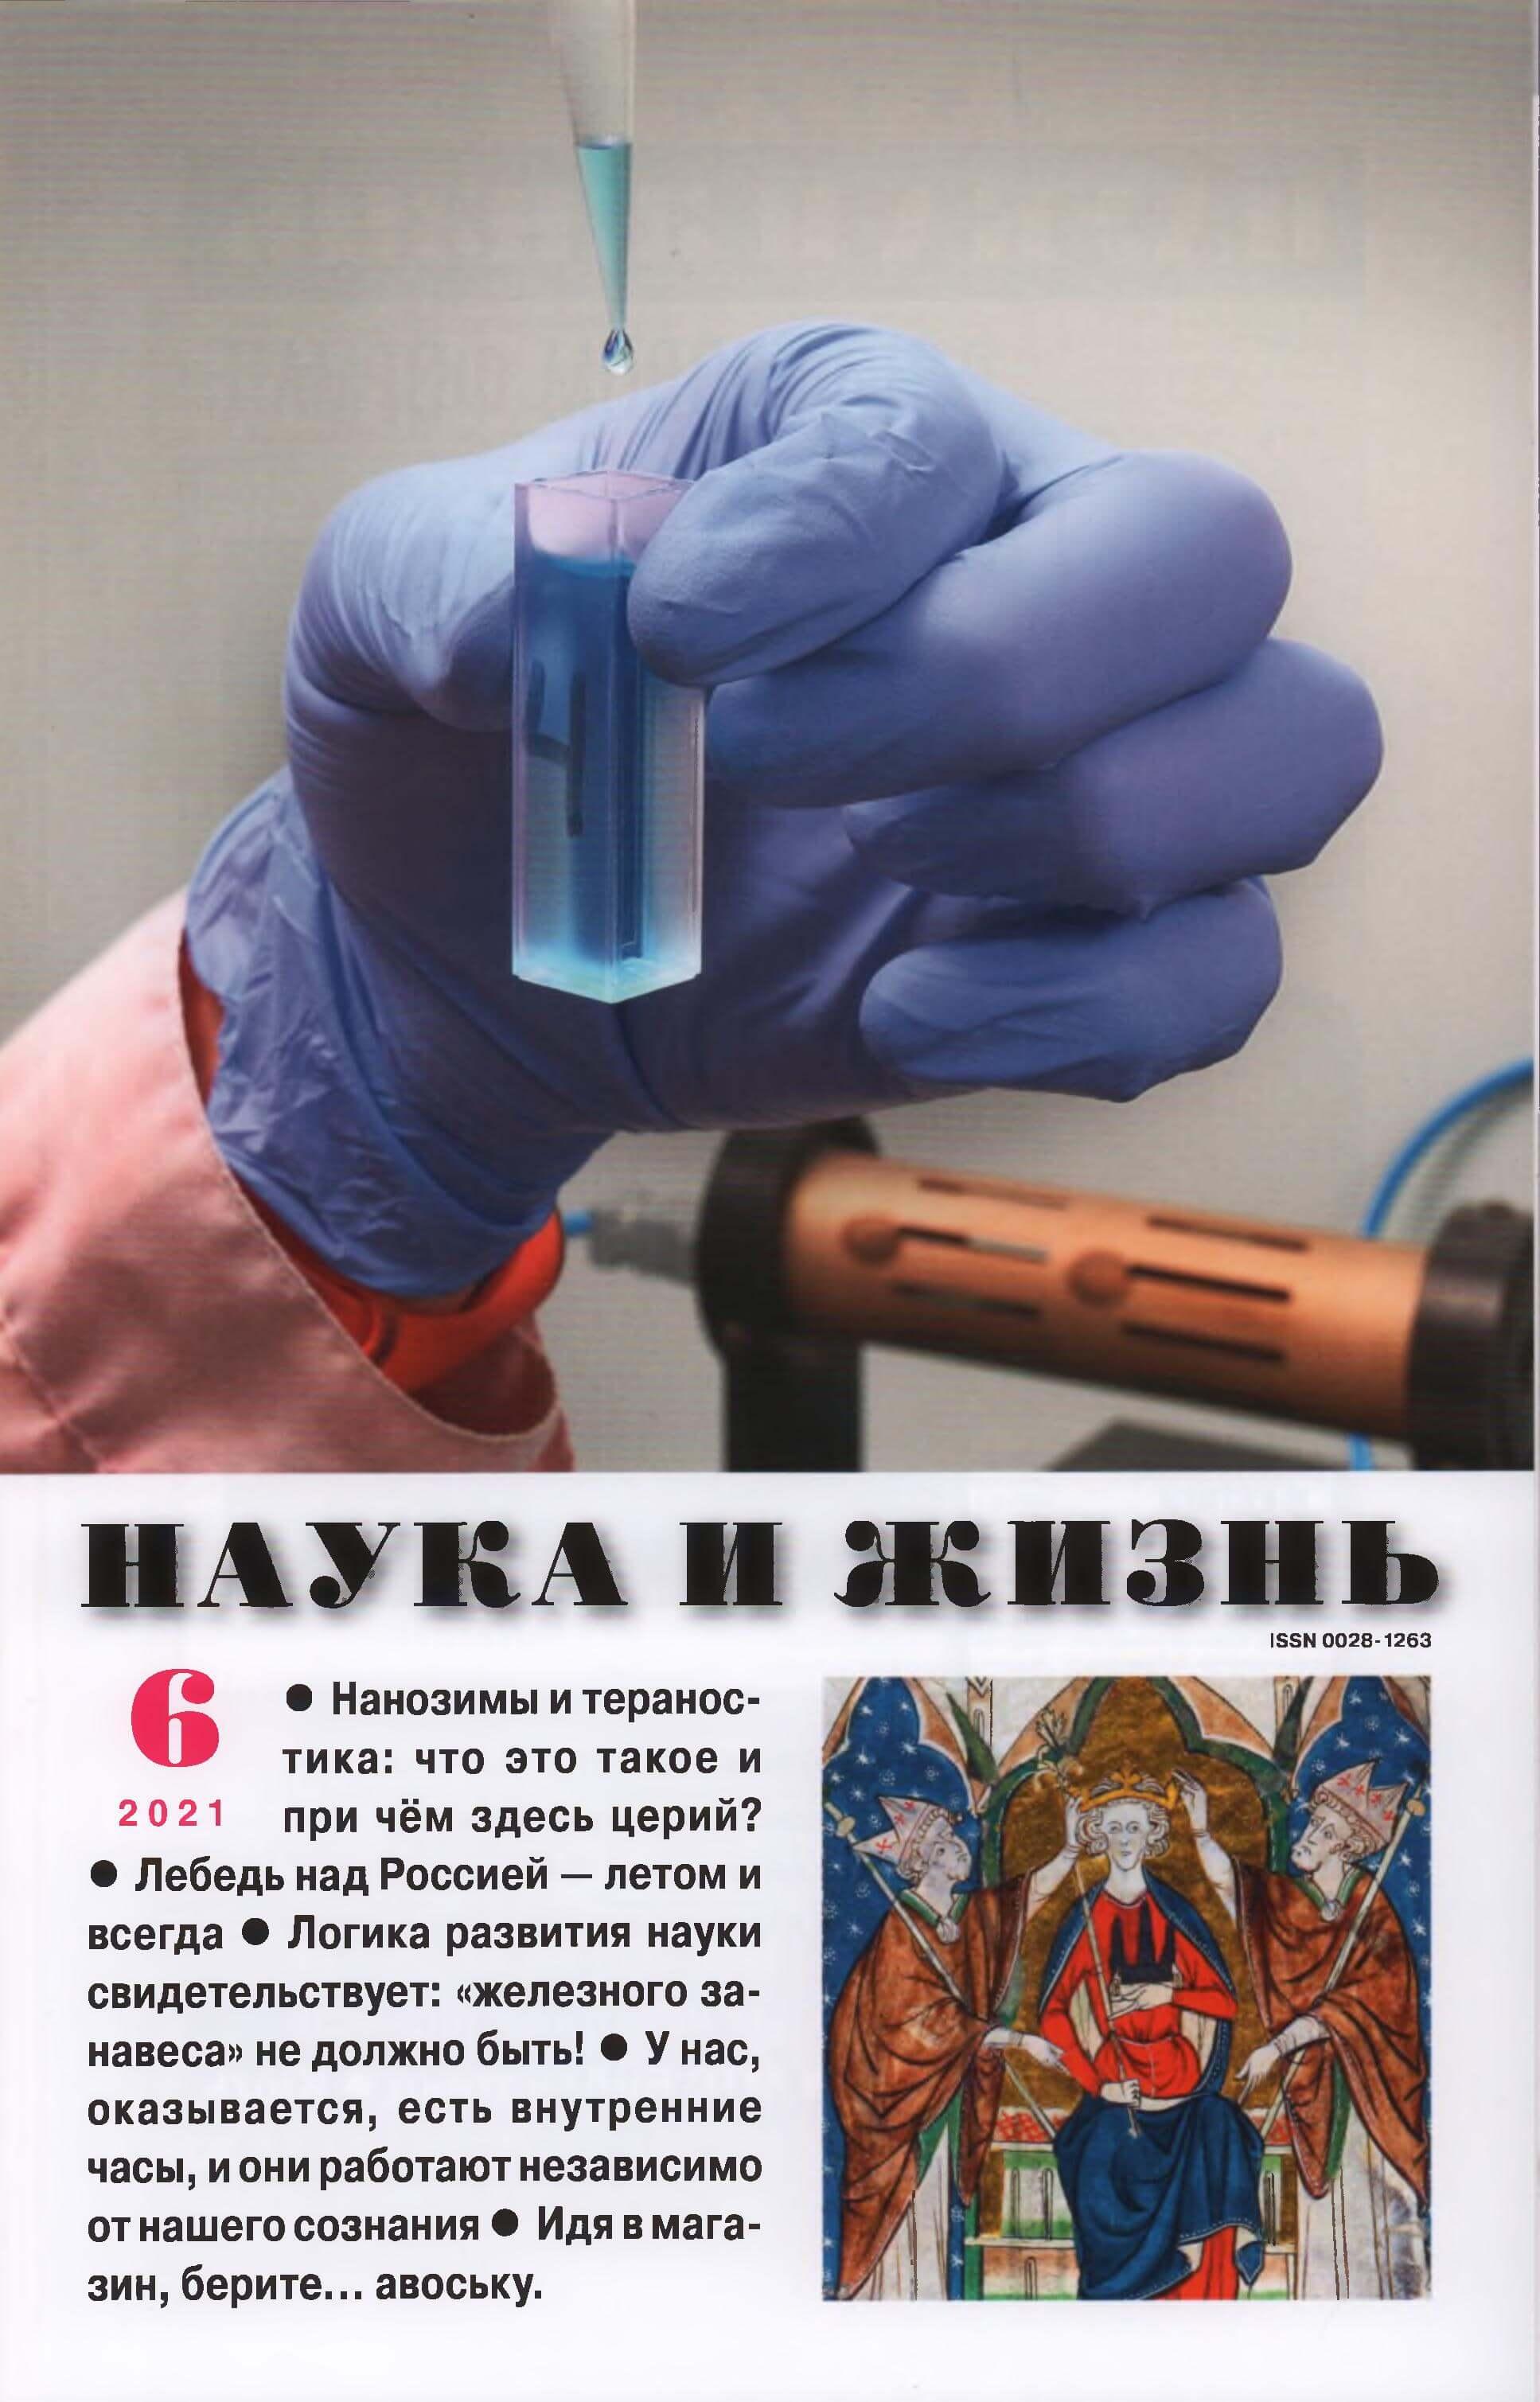 Наука и жизнь № 6 (2021)